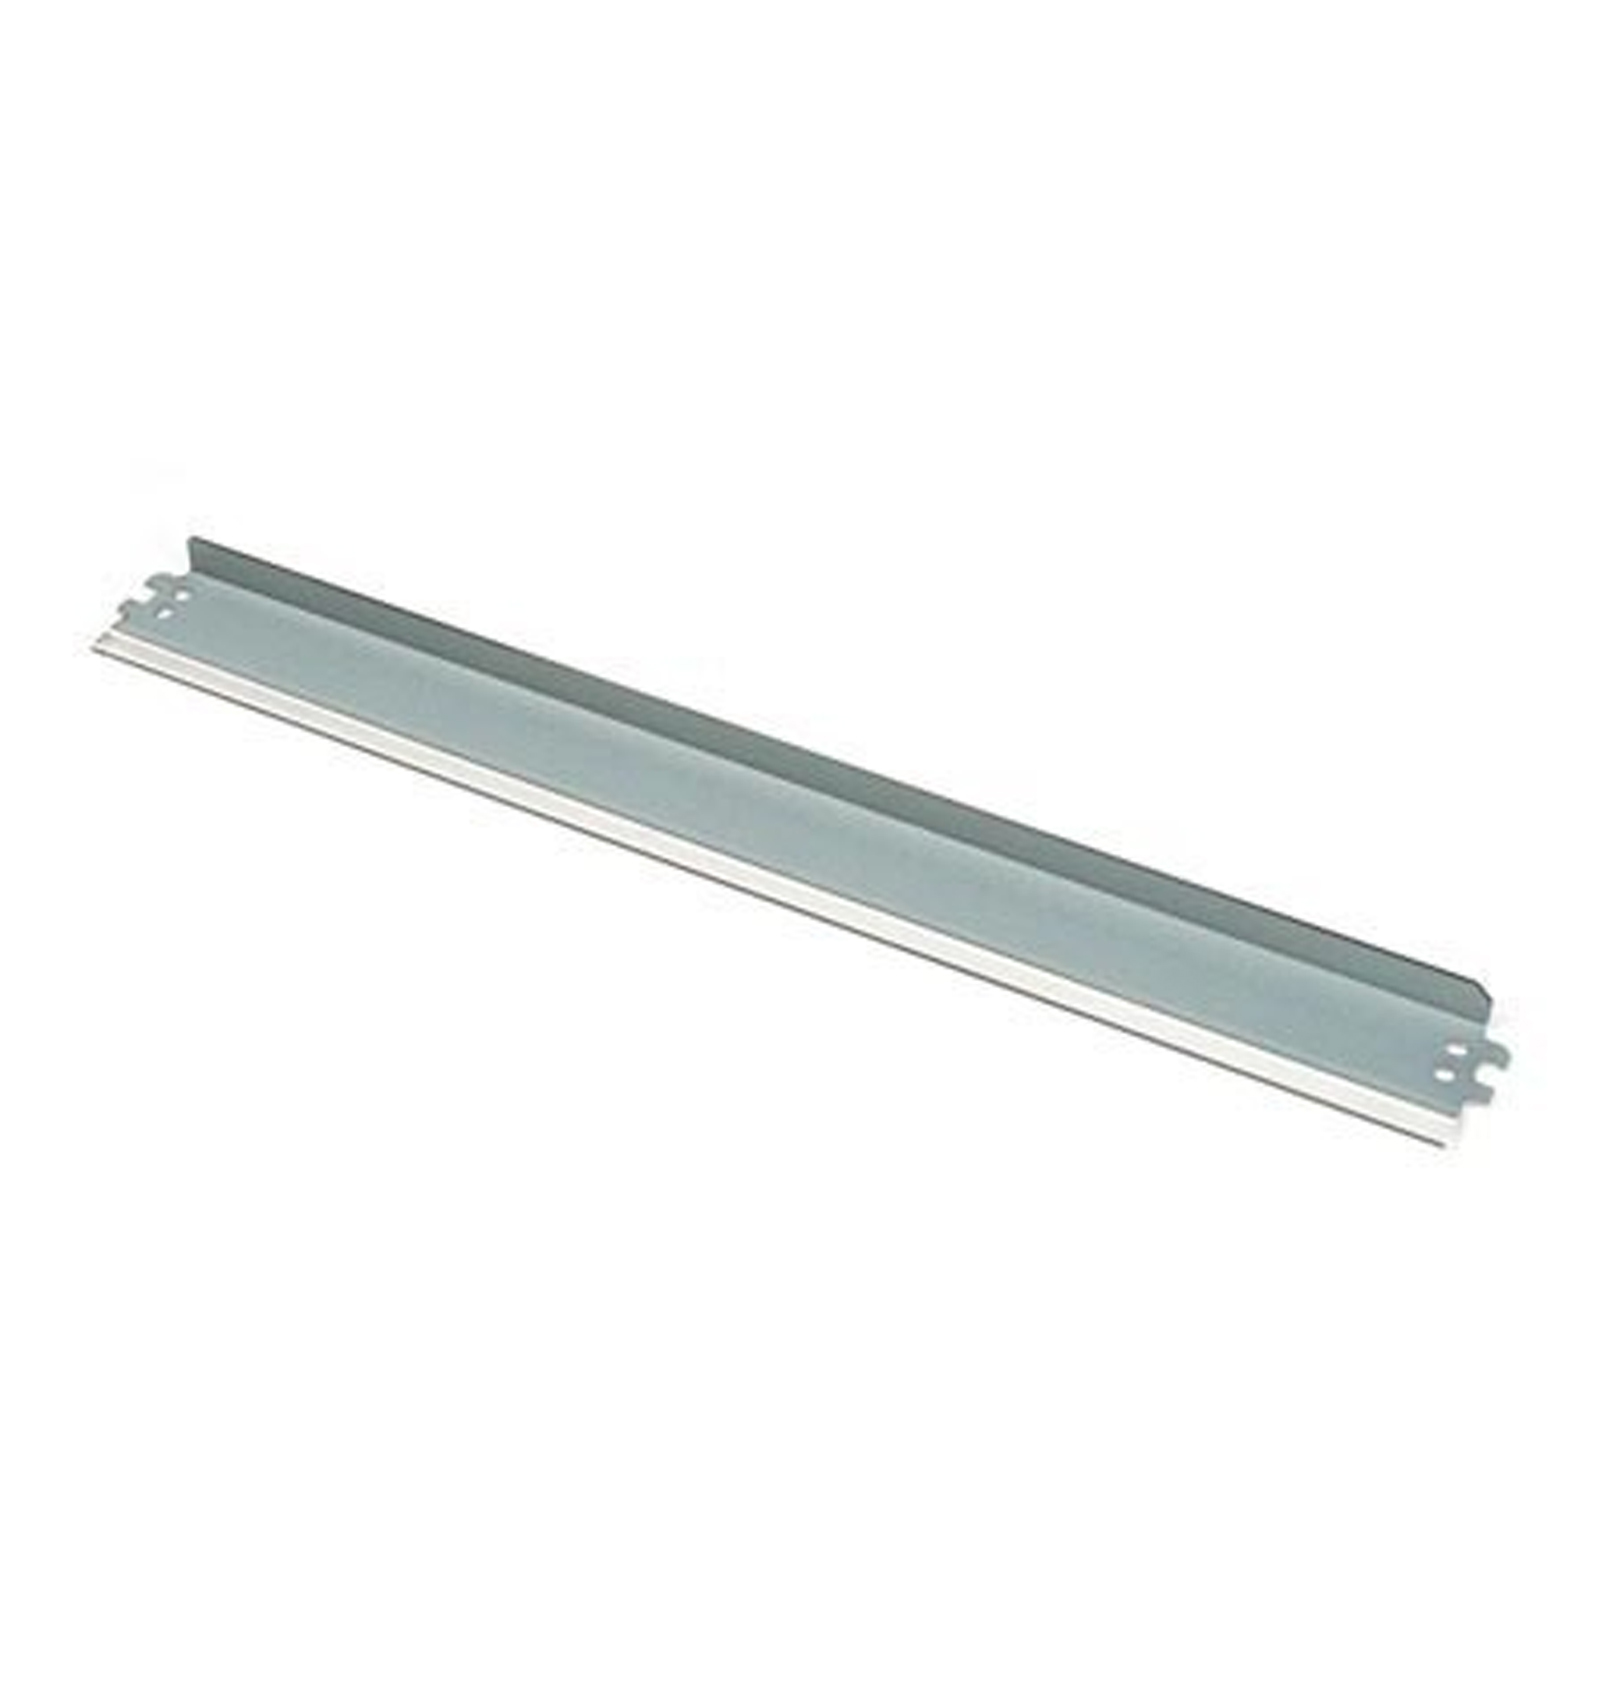 Замена ракеля картриджа HP Q6511A/X (11A/X) для LaserJet 2400/2410/2420/2430